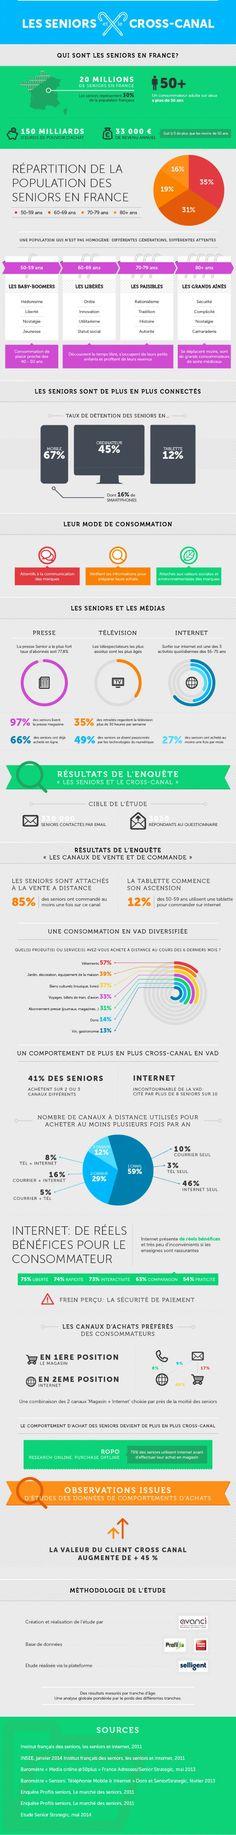 [Infographie] Les Seniors, le cross-canal et le e-commerce